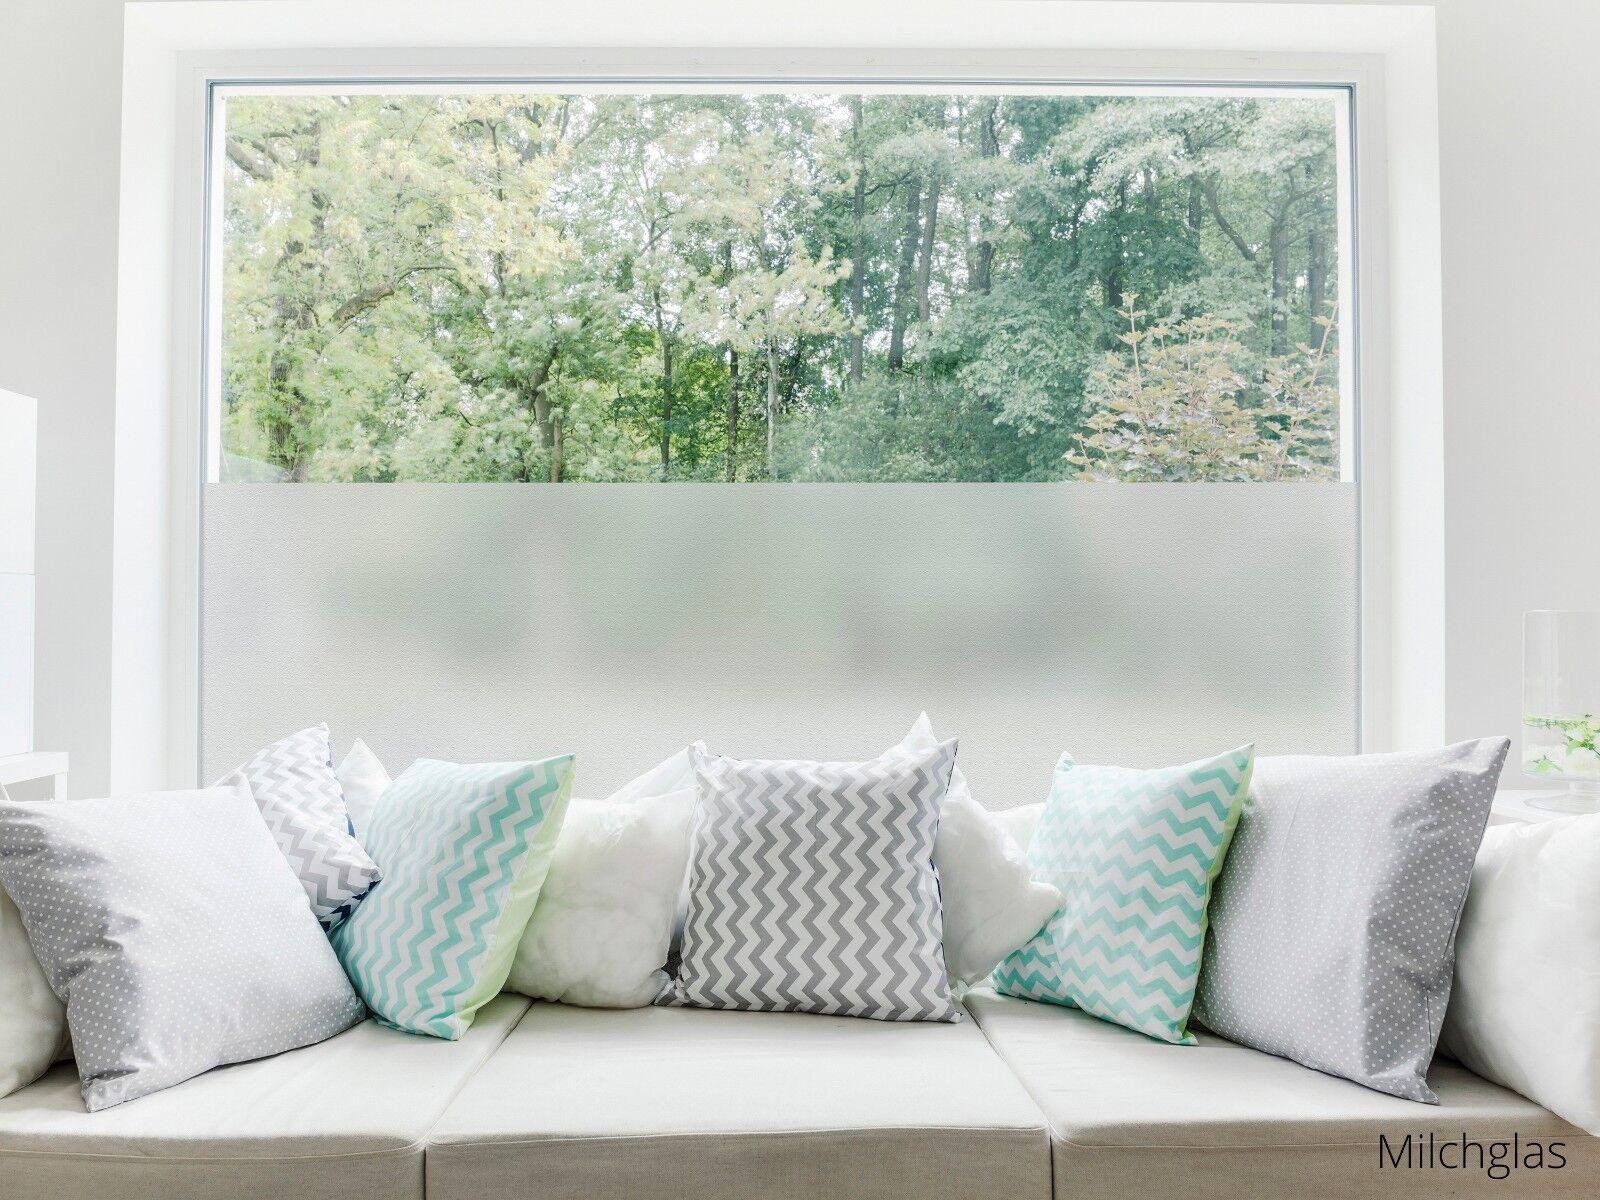 60 cm Fensterfolie Statische Statische Statische Sichtschutzfolie Milchglasfolie Glasdekorfolie   Umweltfreundlich  d0cfa5